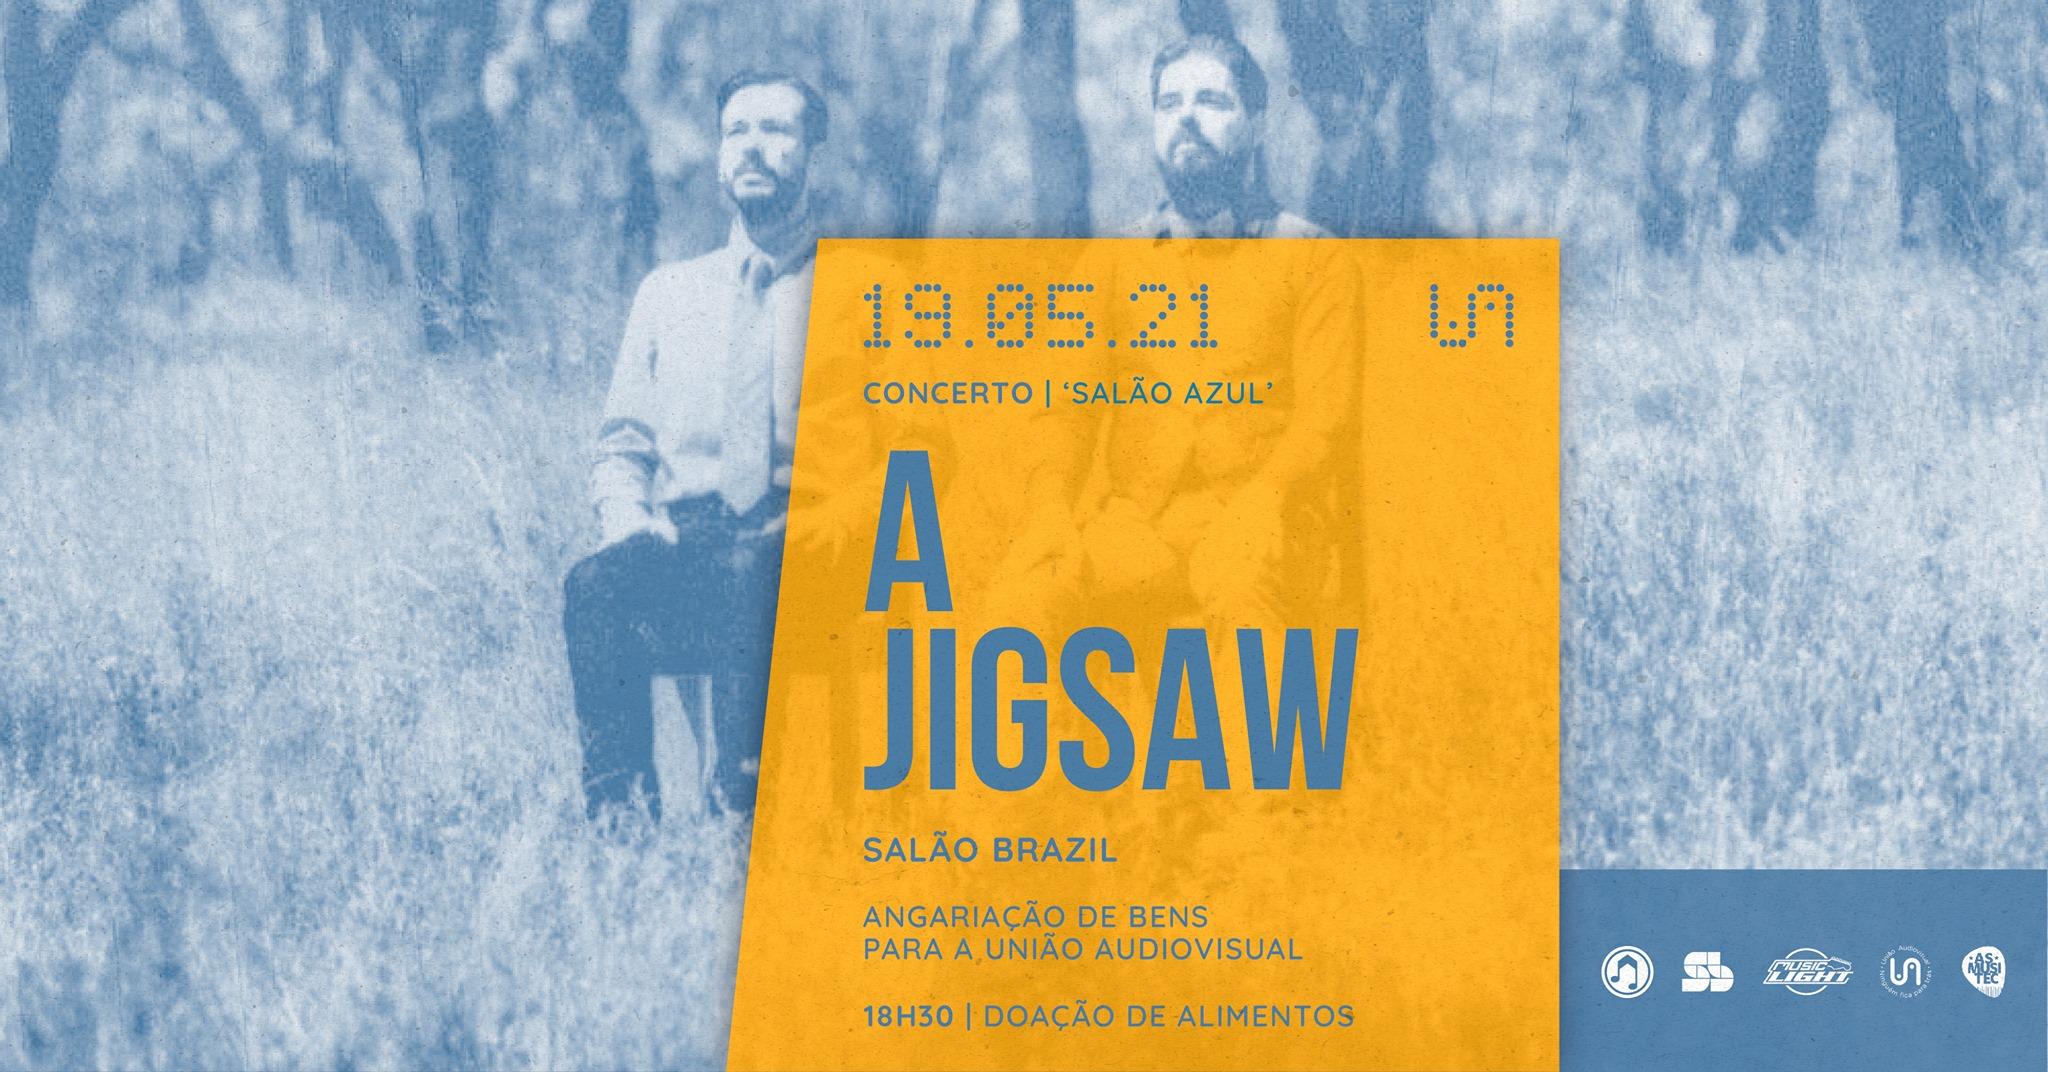 Salão Azul ~ a Jigsaw